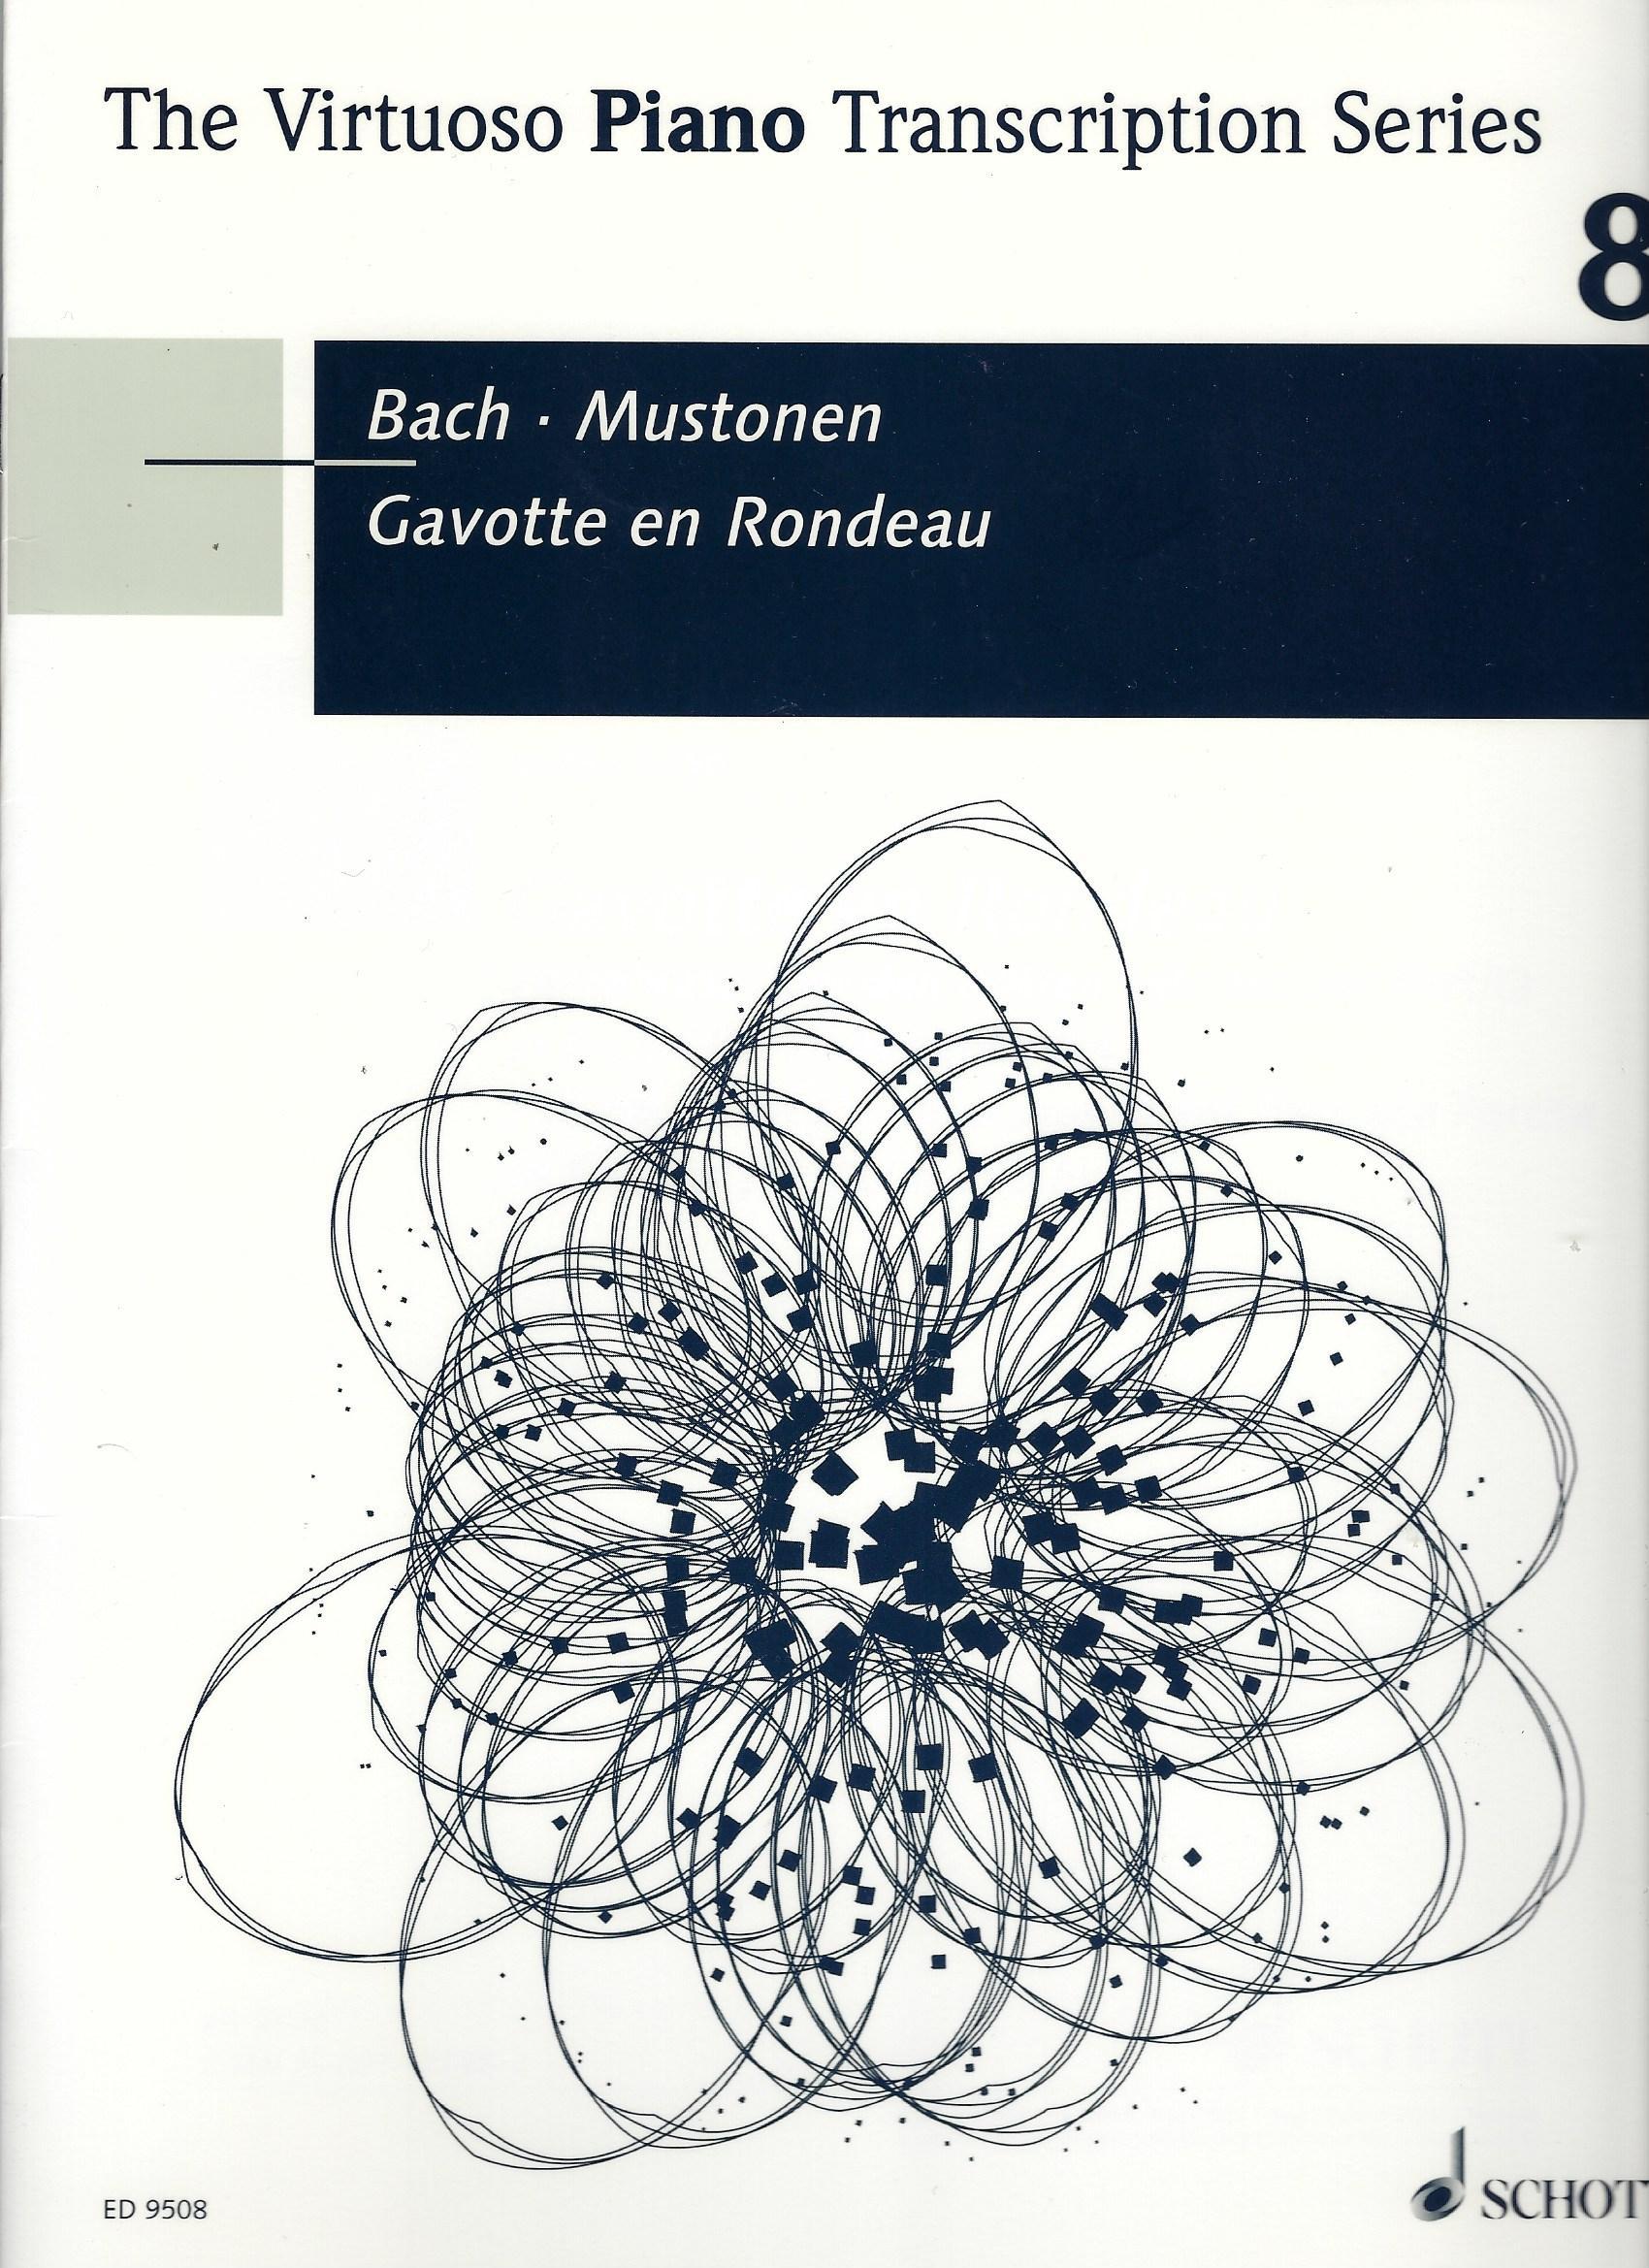 Bach / Mustonen. GAVOTTE EN RONDEAU: für Klavier